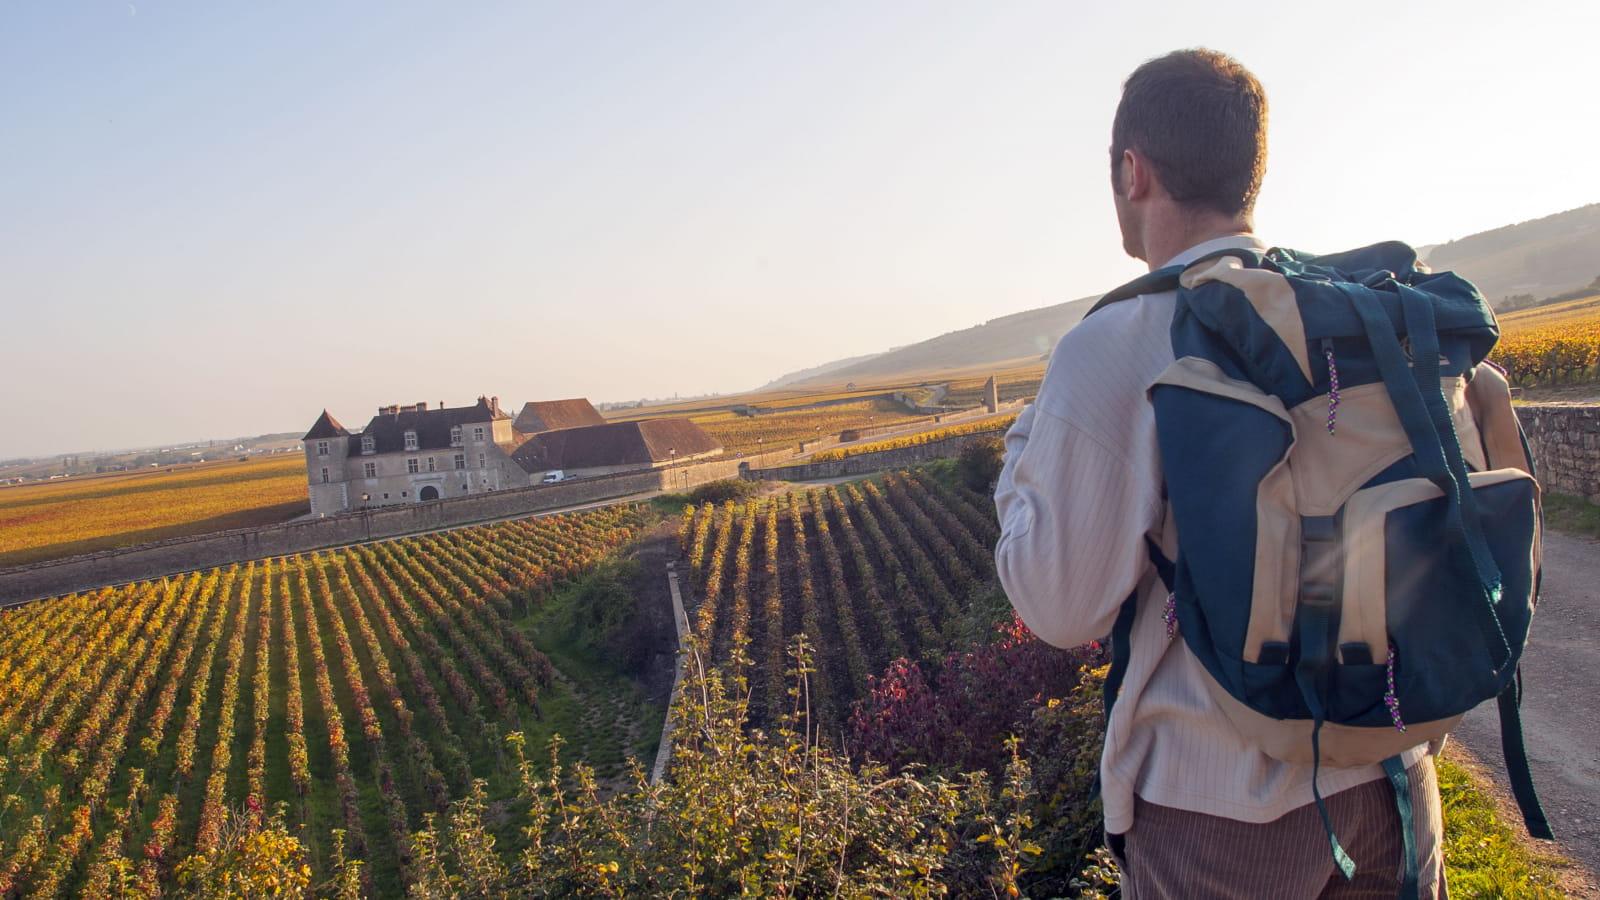 Randonnée dans le domaine du Château du Clos de Vougeot